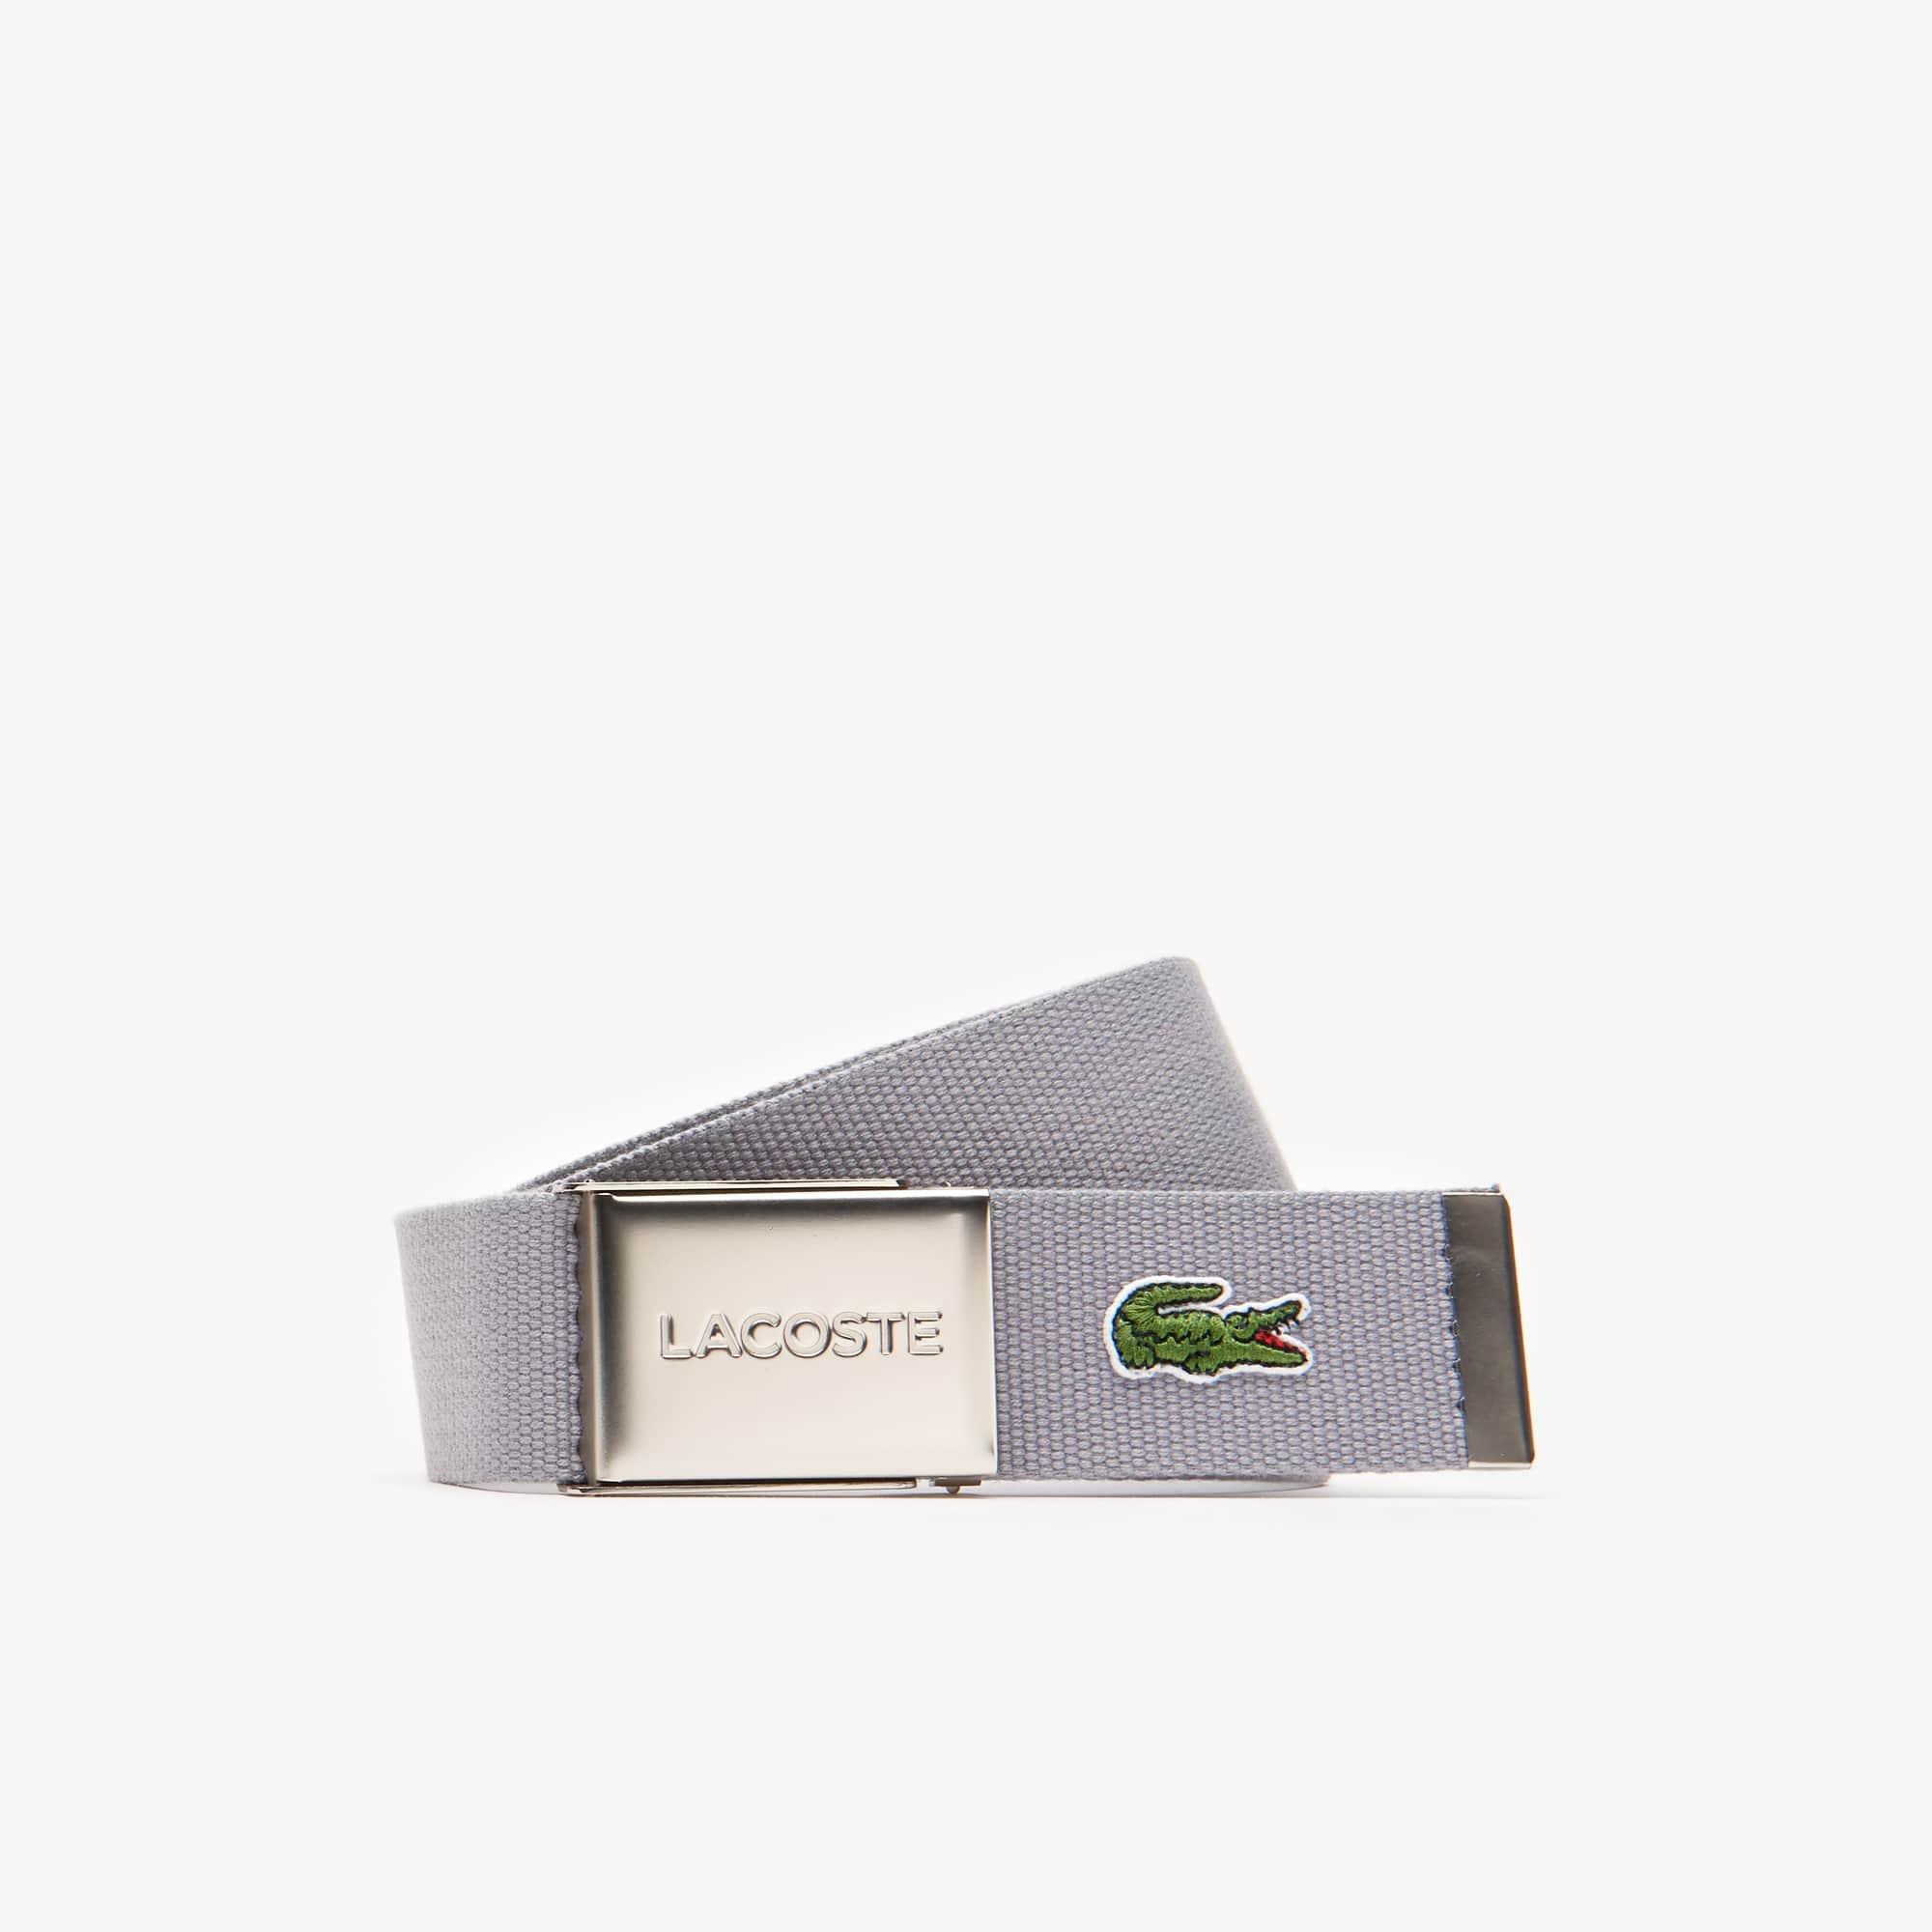 Cinturón de correa con hebilla grabada Lacoste Edición Made in France